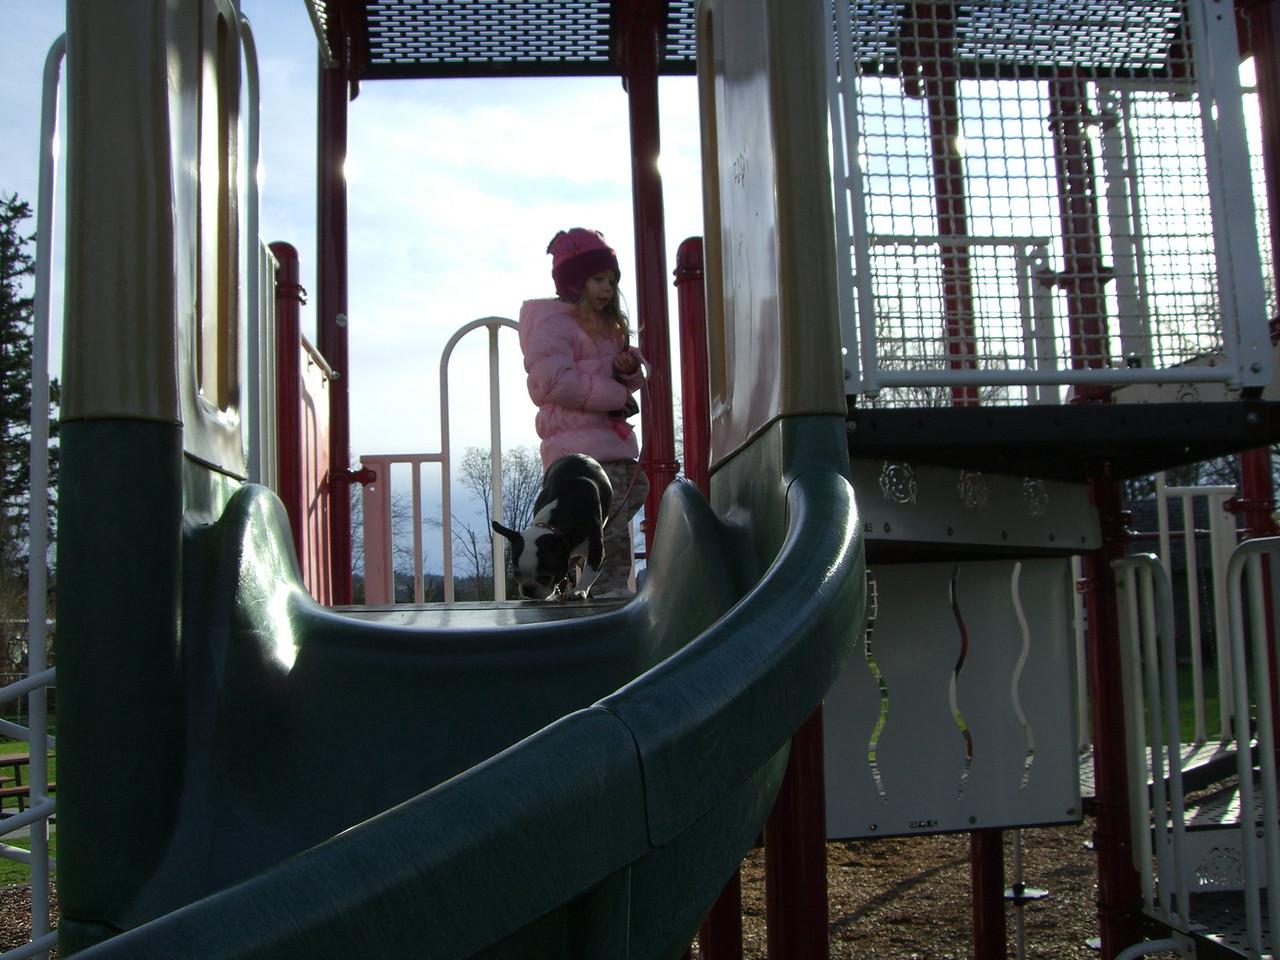 Jennings park. Will Chloe try the slide again?